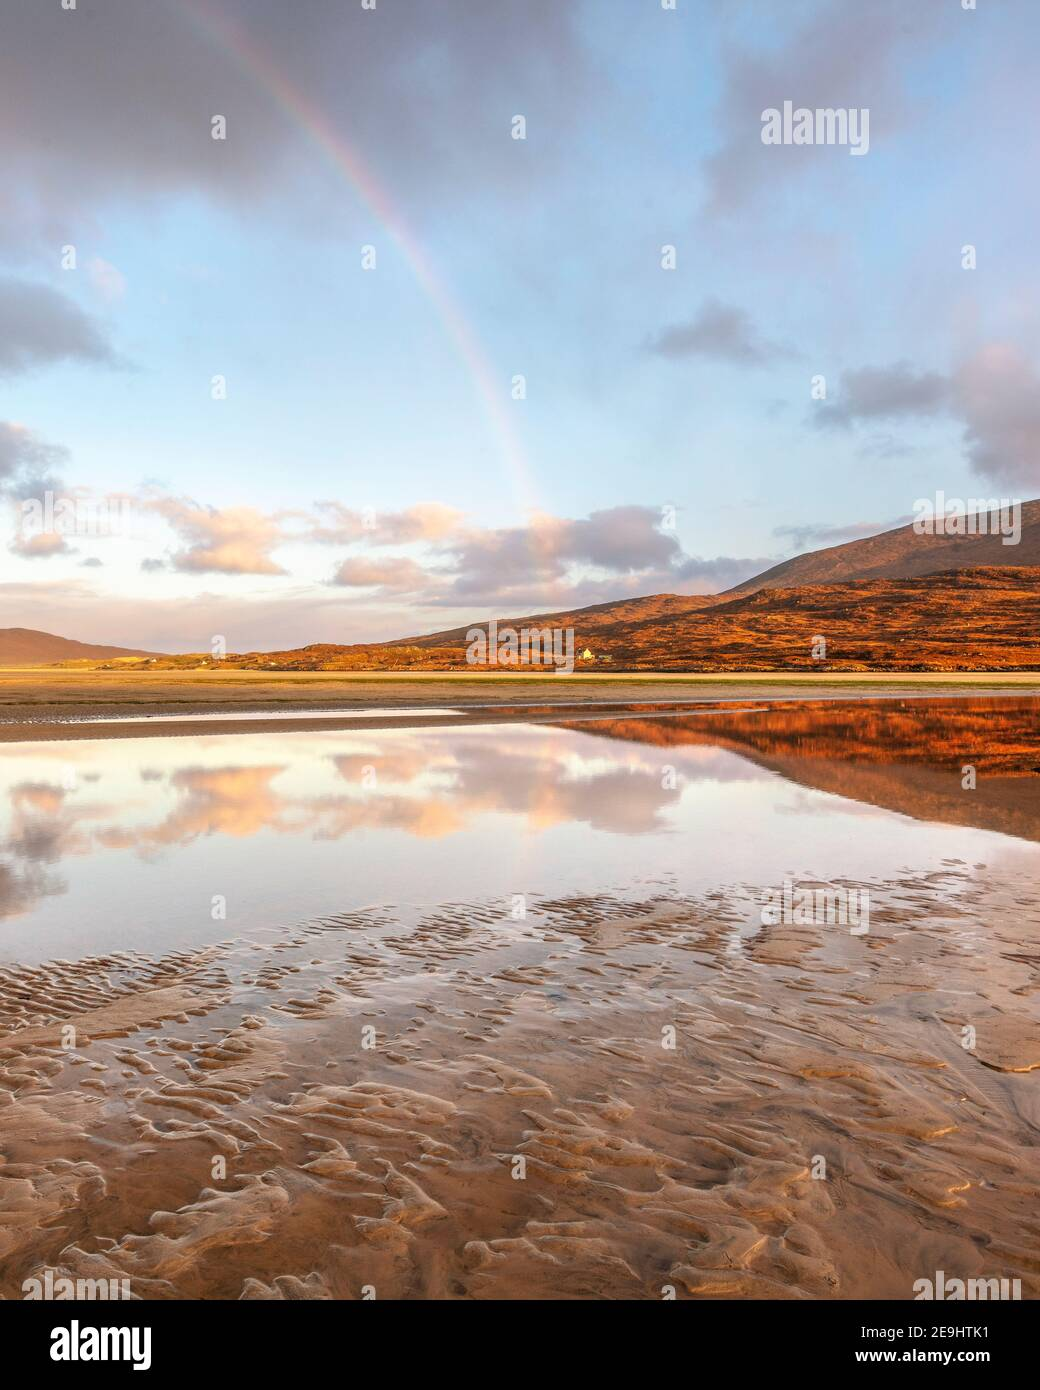 Île de Lewis et Harris, Écosse : un arc-en-ciel et la grande baie de sable de la plage de LUSKENTIRE sur l'île de Harris Sud Banque D'Images